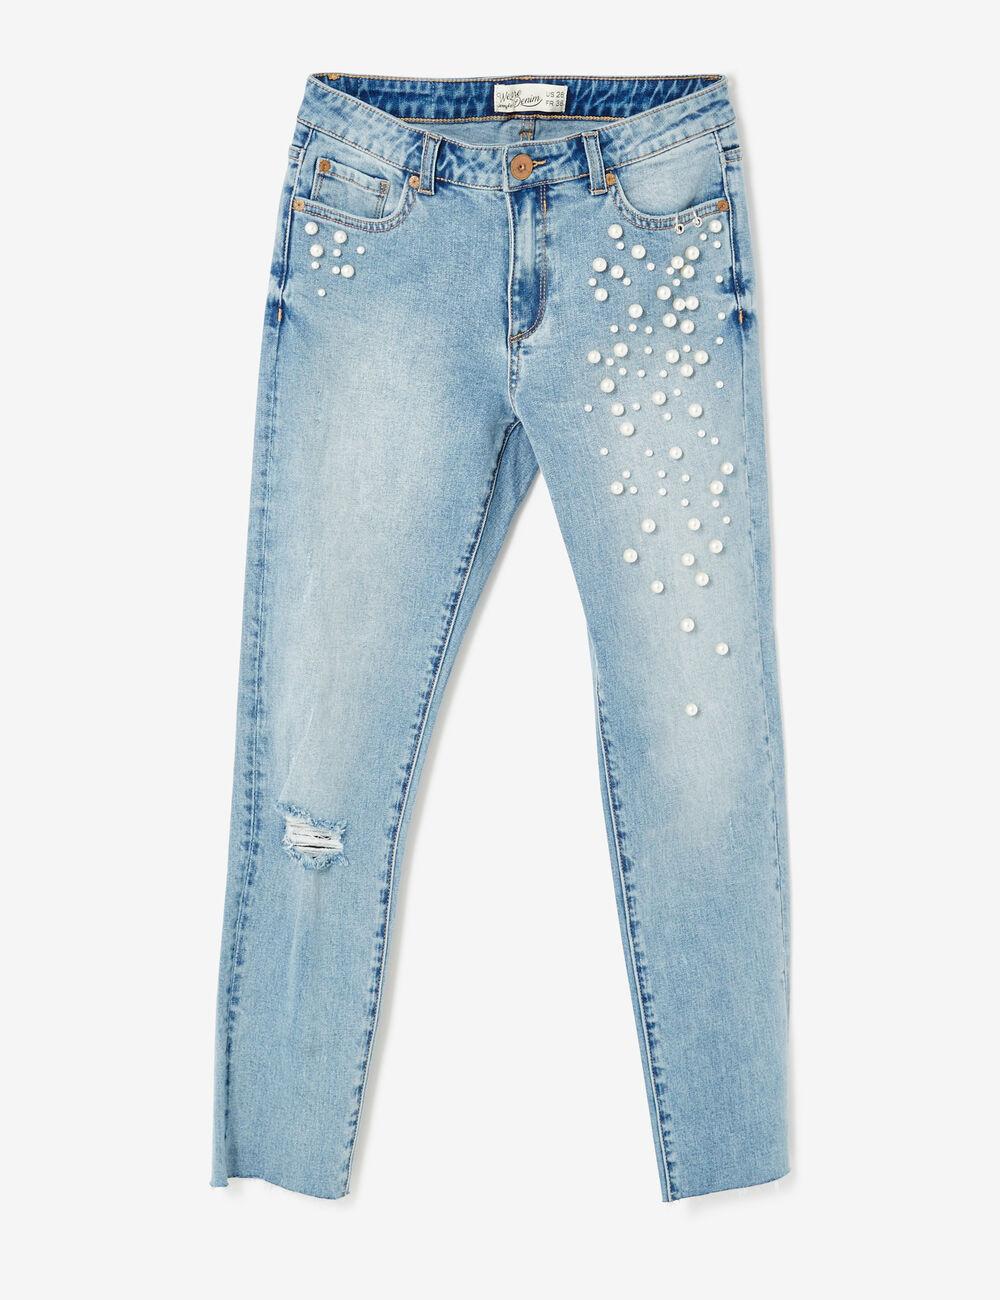 jean skinny avec perles bleu clair femme jennyfer. Black Bedroom Furniture Sets. Home Design Ideas